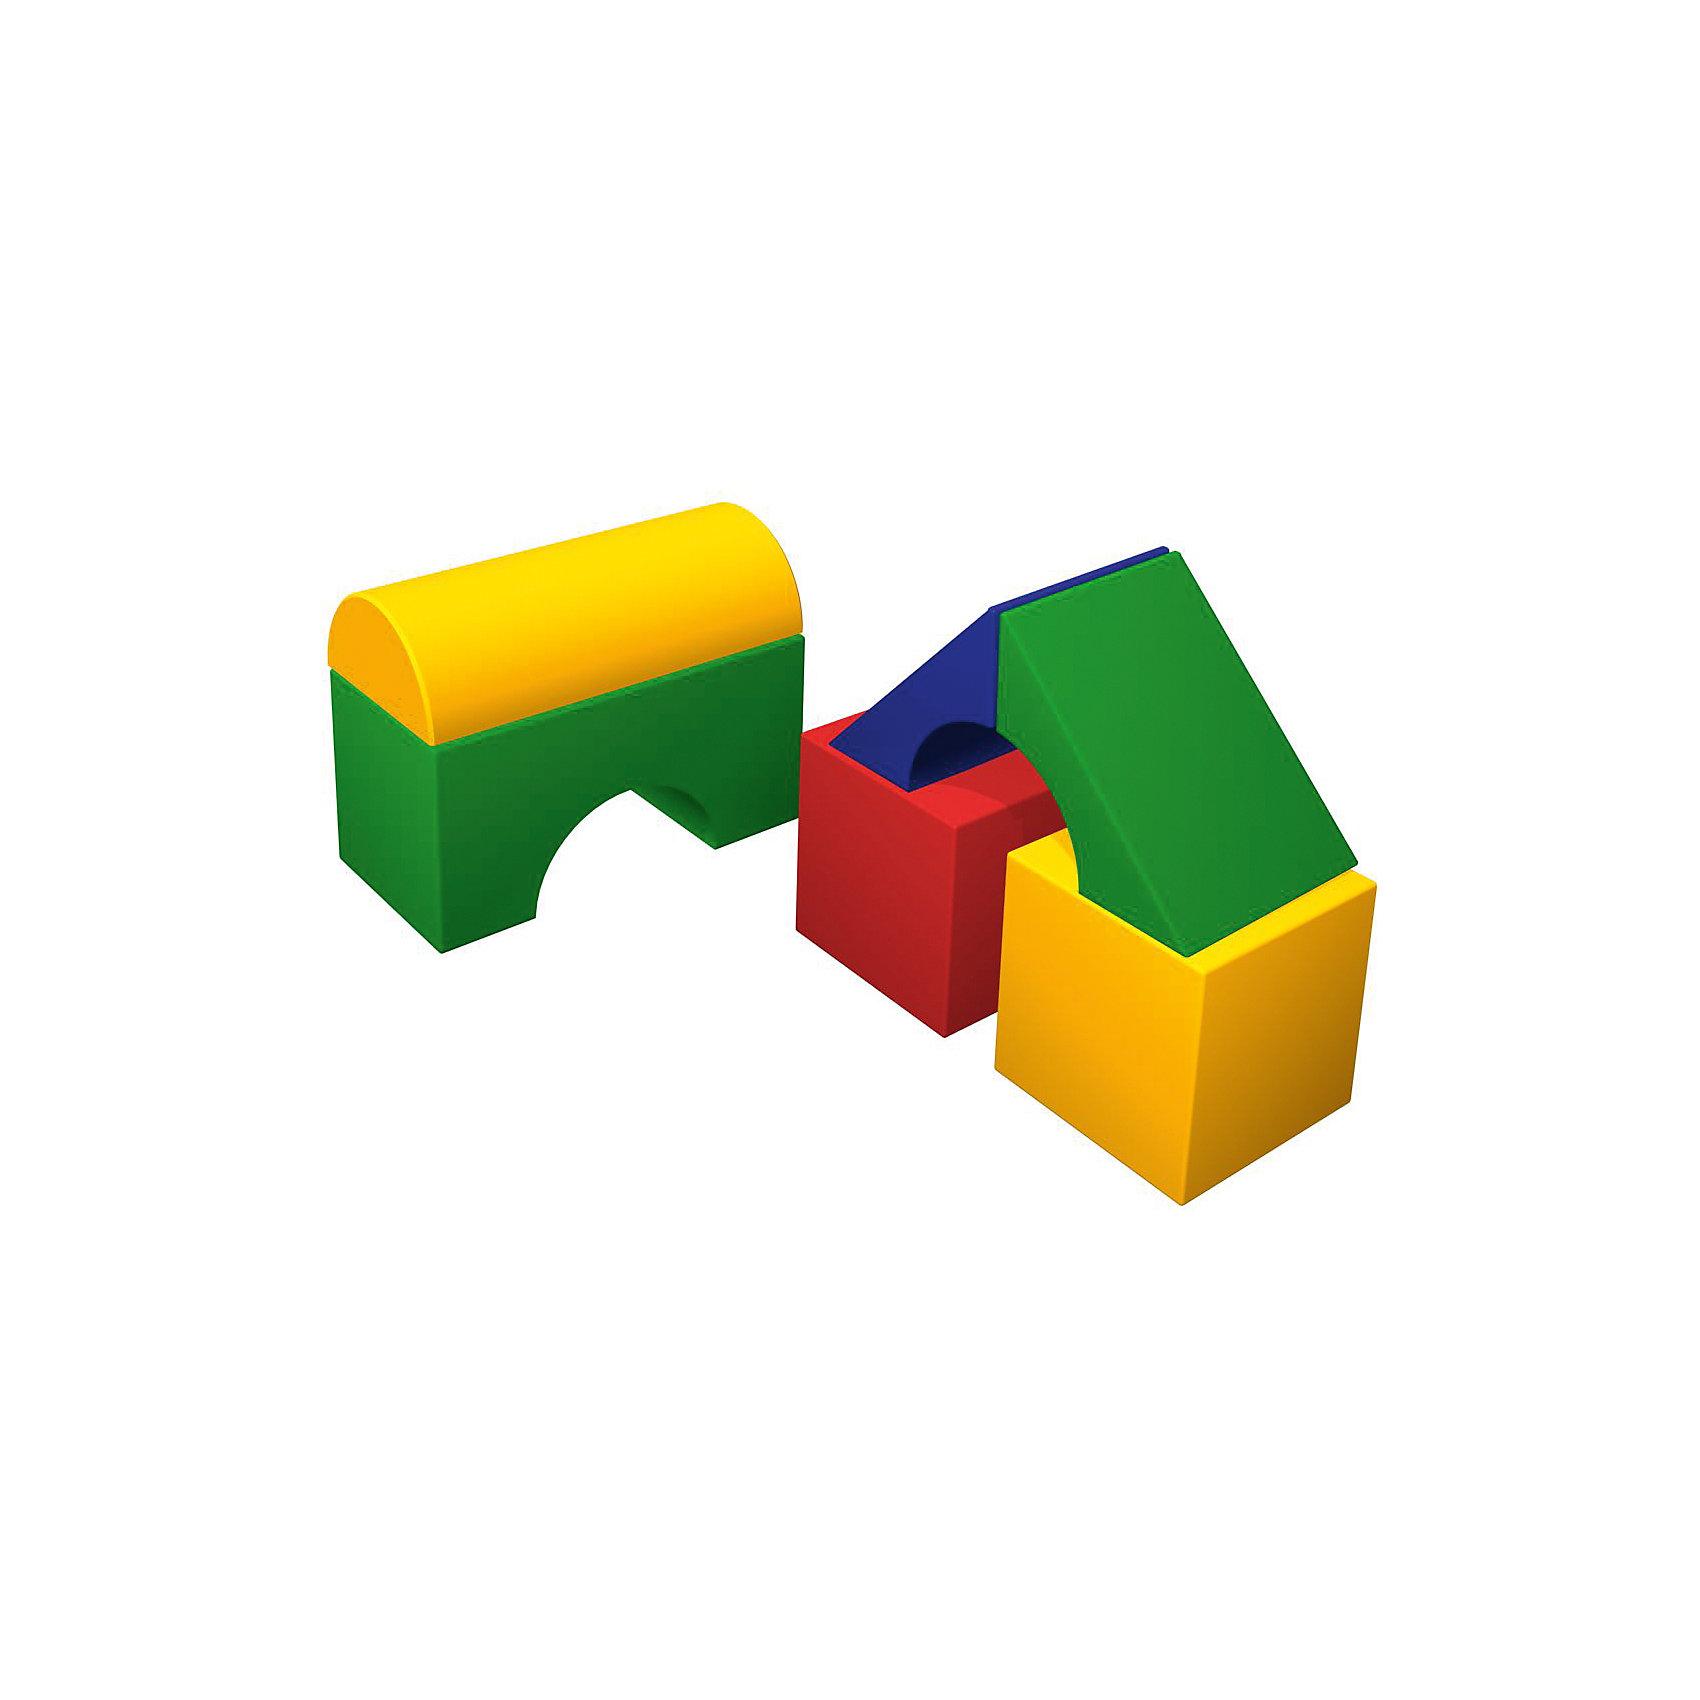 Мягкий конструктор Теремок мини, RomanaМебель<br>Мягкий конструктор «Теремок мини» - это набор больших разноцветных кубиков, различной формы, для детского строительства. Обучает геометрическим формам, цветам и размерам. Развивает фантазию. Подходит как для детских дошкольных и младших школьных учреждений, так и для домашних развивающих игр. В комплекте: кубик, мост, полуцилиндр. Габаритные размеры 900 x 900 х 600 мм. Вес с упаковкой 6 кг.<br><br>Ширина мм: 900<br>Глубина мм: 900<br>Высота мм: 600<br>Вес г: 6000<br>Возраст от месяцев: 36<br>Возраст до месяцев: 60<br>Пол: Унисекс<br>Возраст: Детский<br>SKU: 6742457